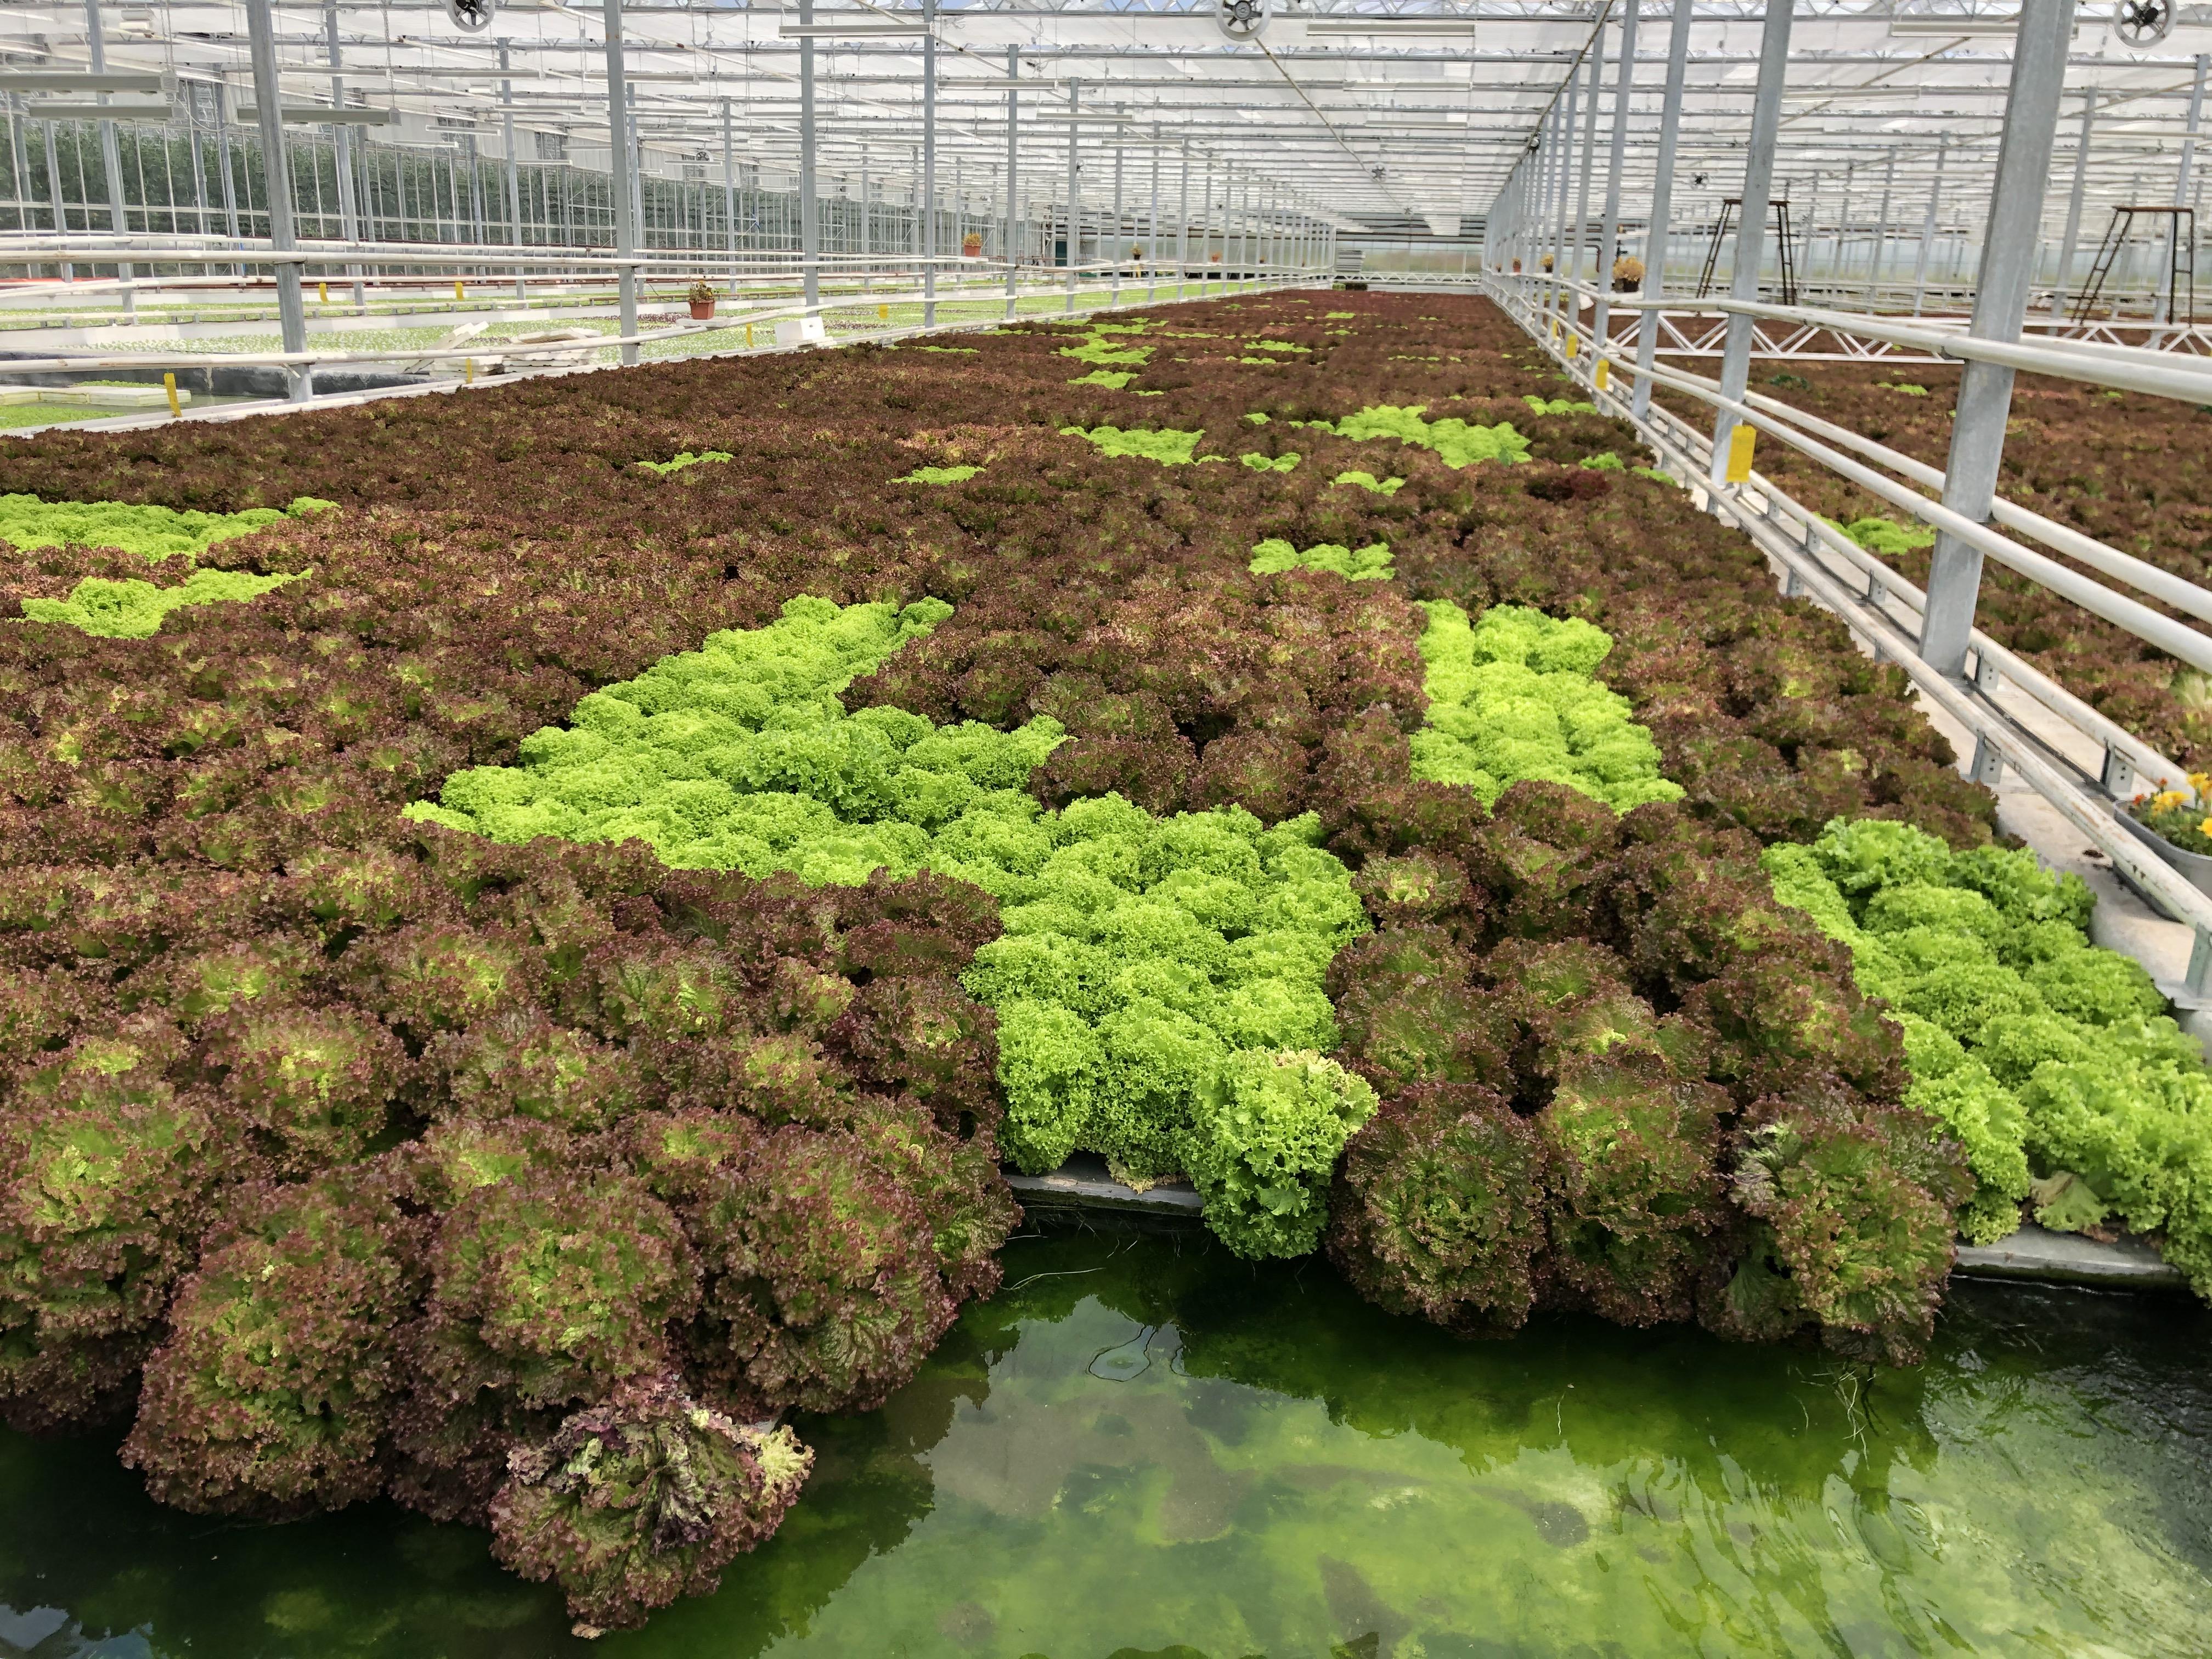 Ograniczenie kosztów produkcji w uprawie sałat